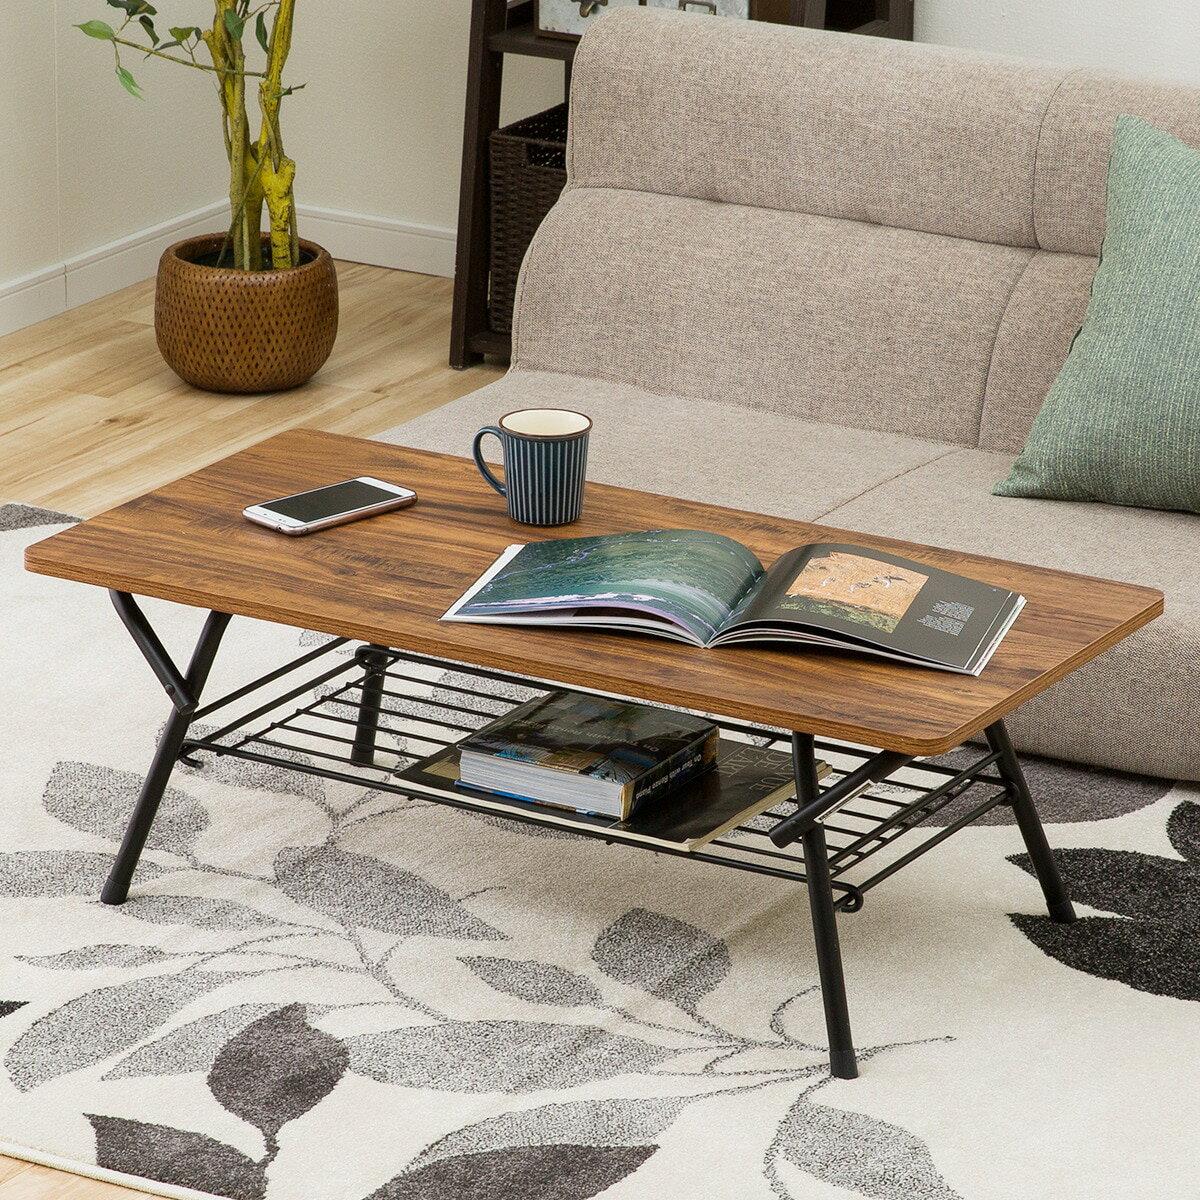 オリタタミテーブル シェルフィ 9045(ダークブラウン)